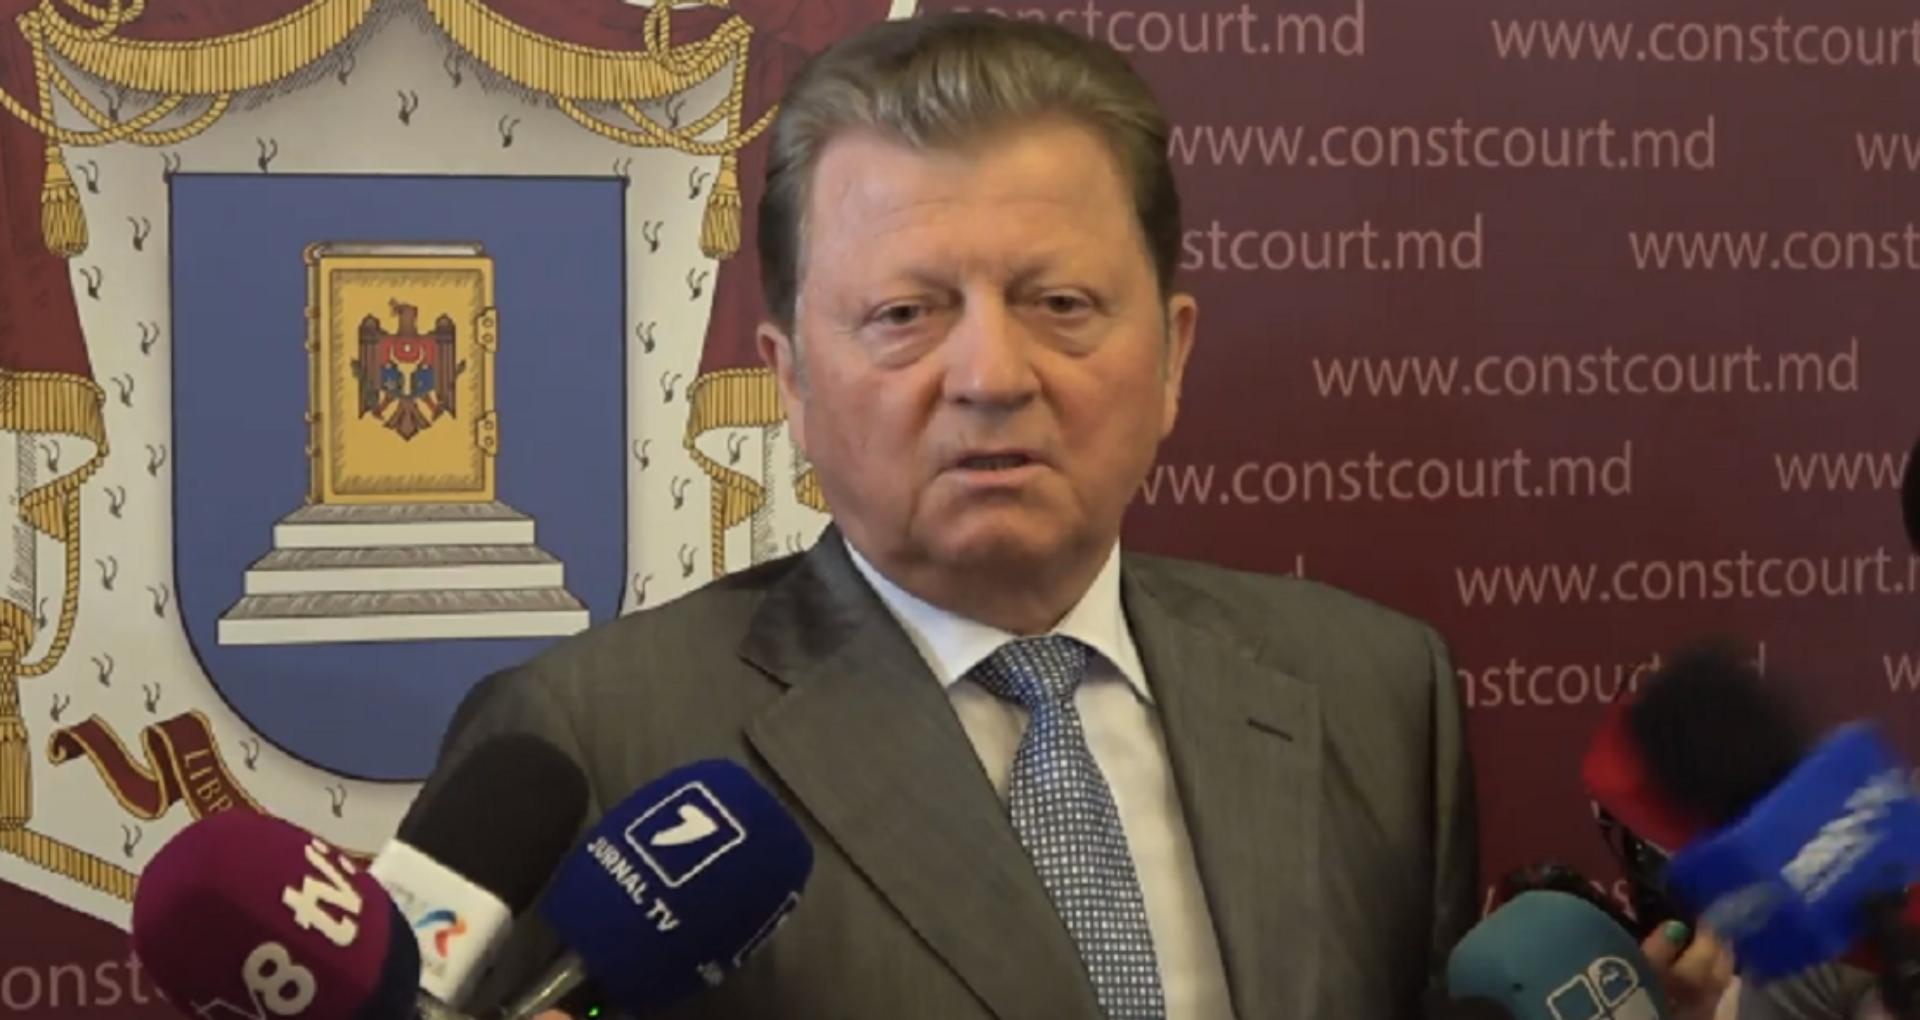 Cum au reacționat PSRM, ACUM și PDM la anunțul că Vladimir Țurcan a devenit președintele CC